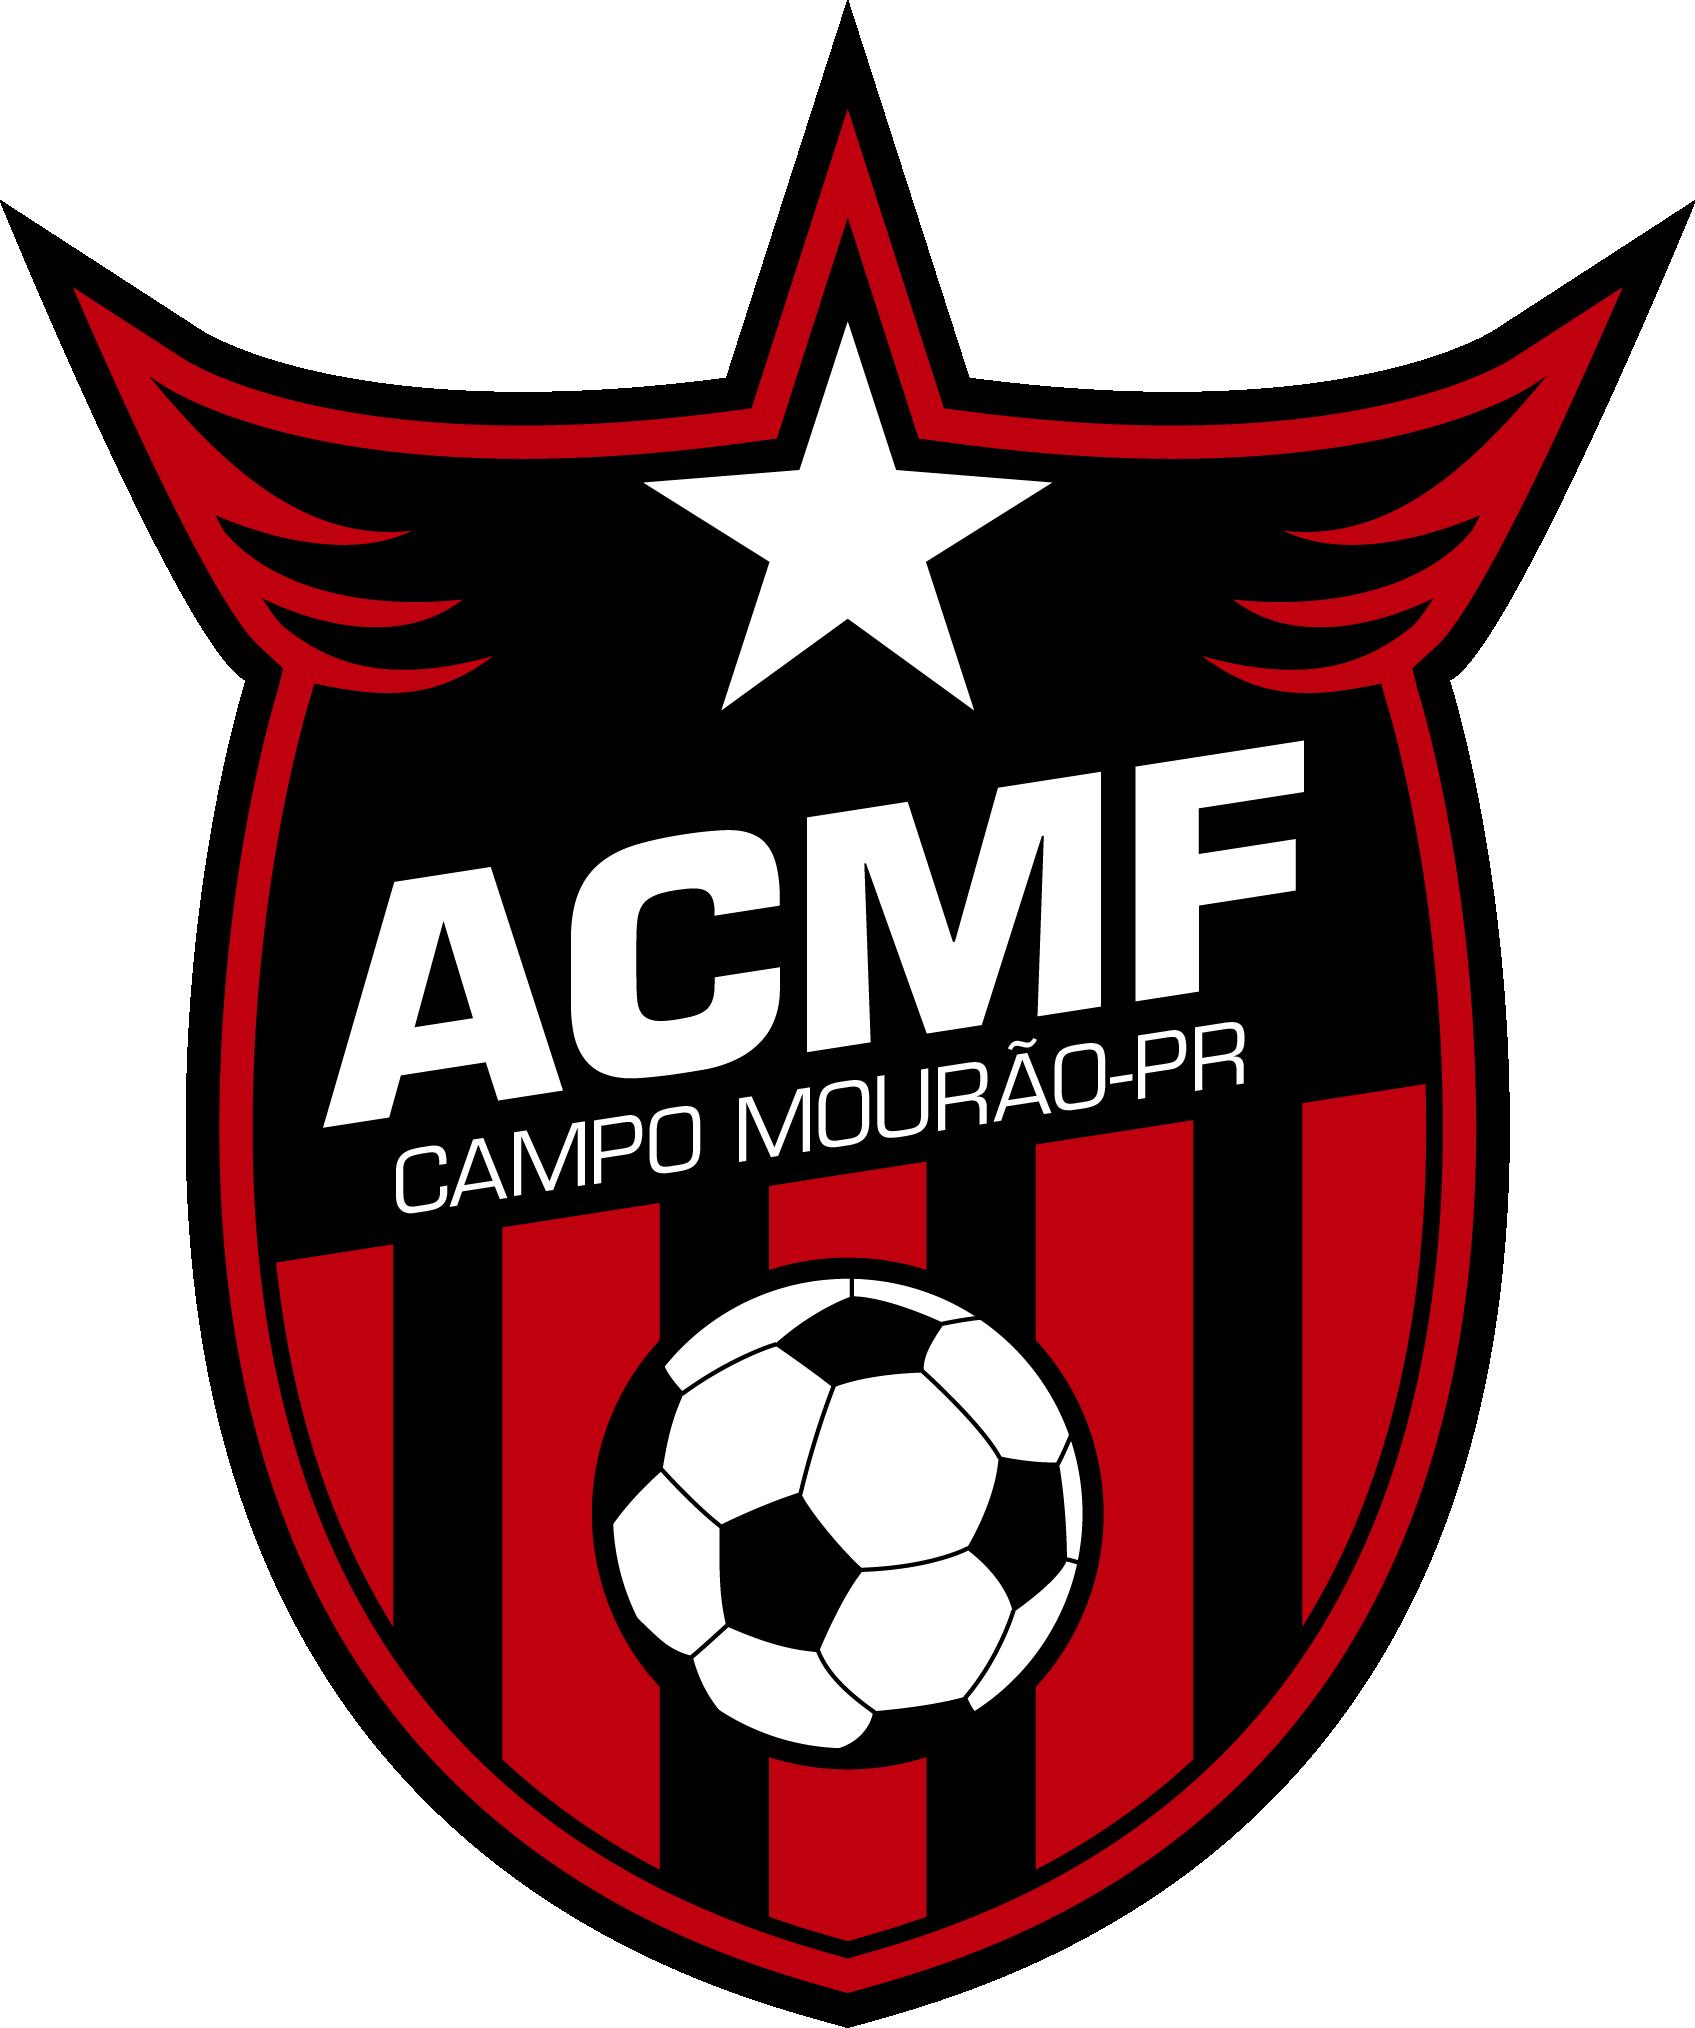 ACMF - Campo Mourão